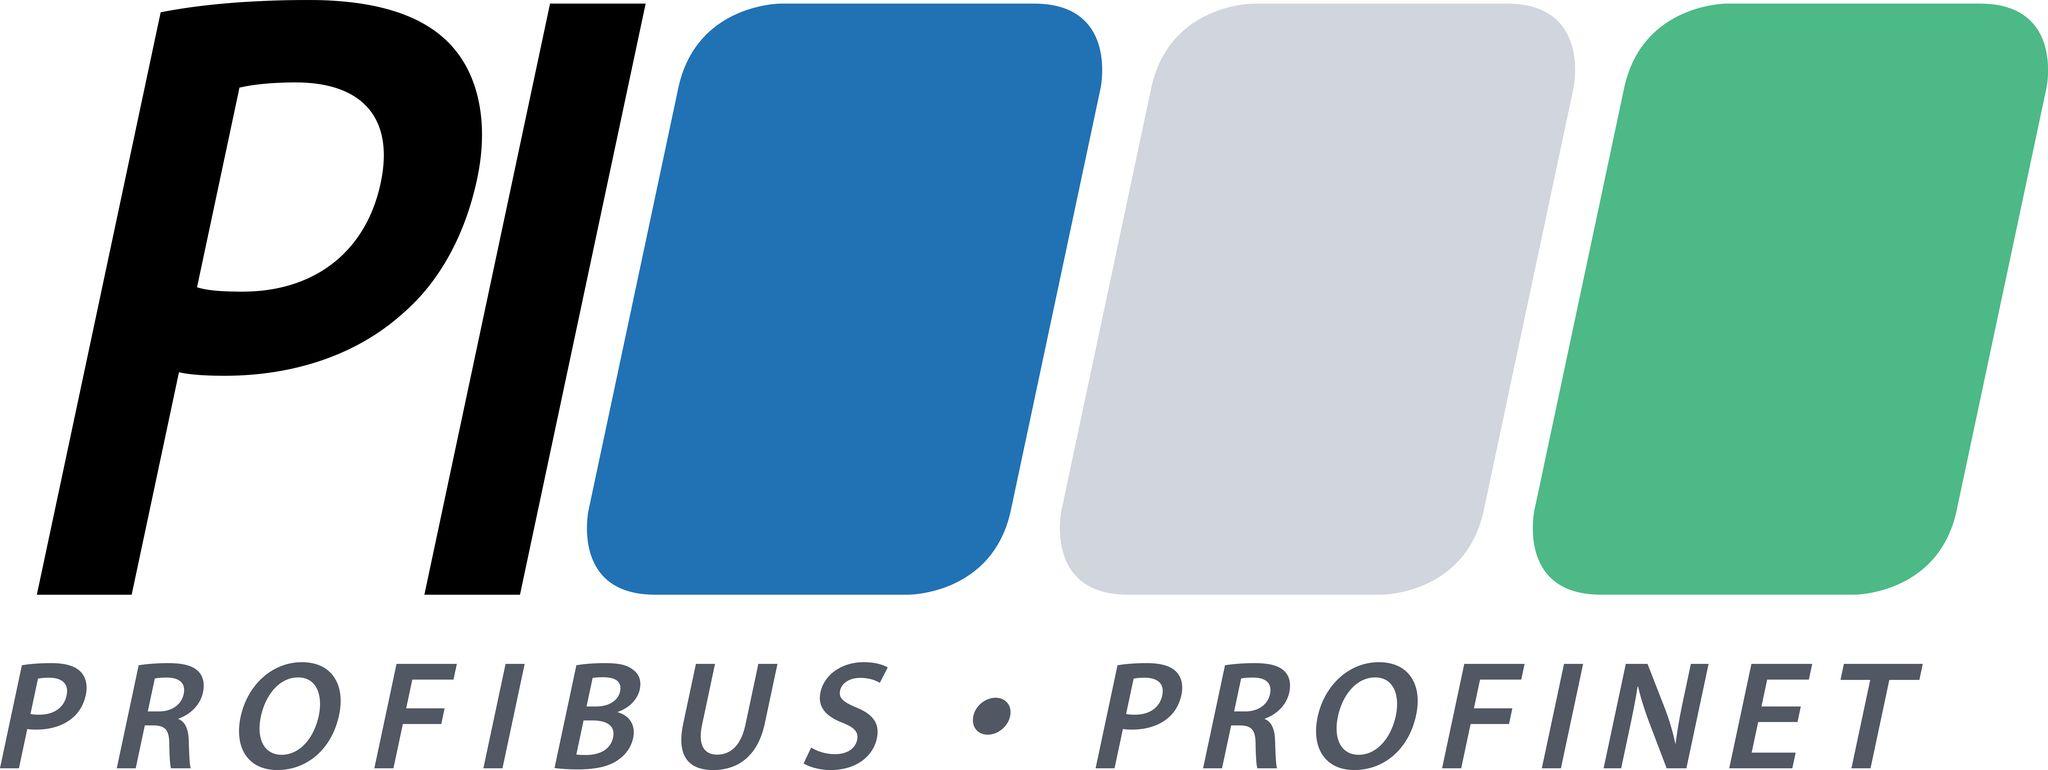 Profinet und TSN sind Enabler für die Industrie 4.0